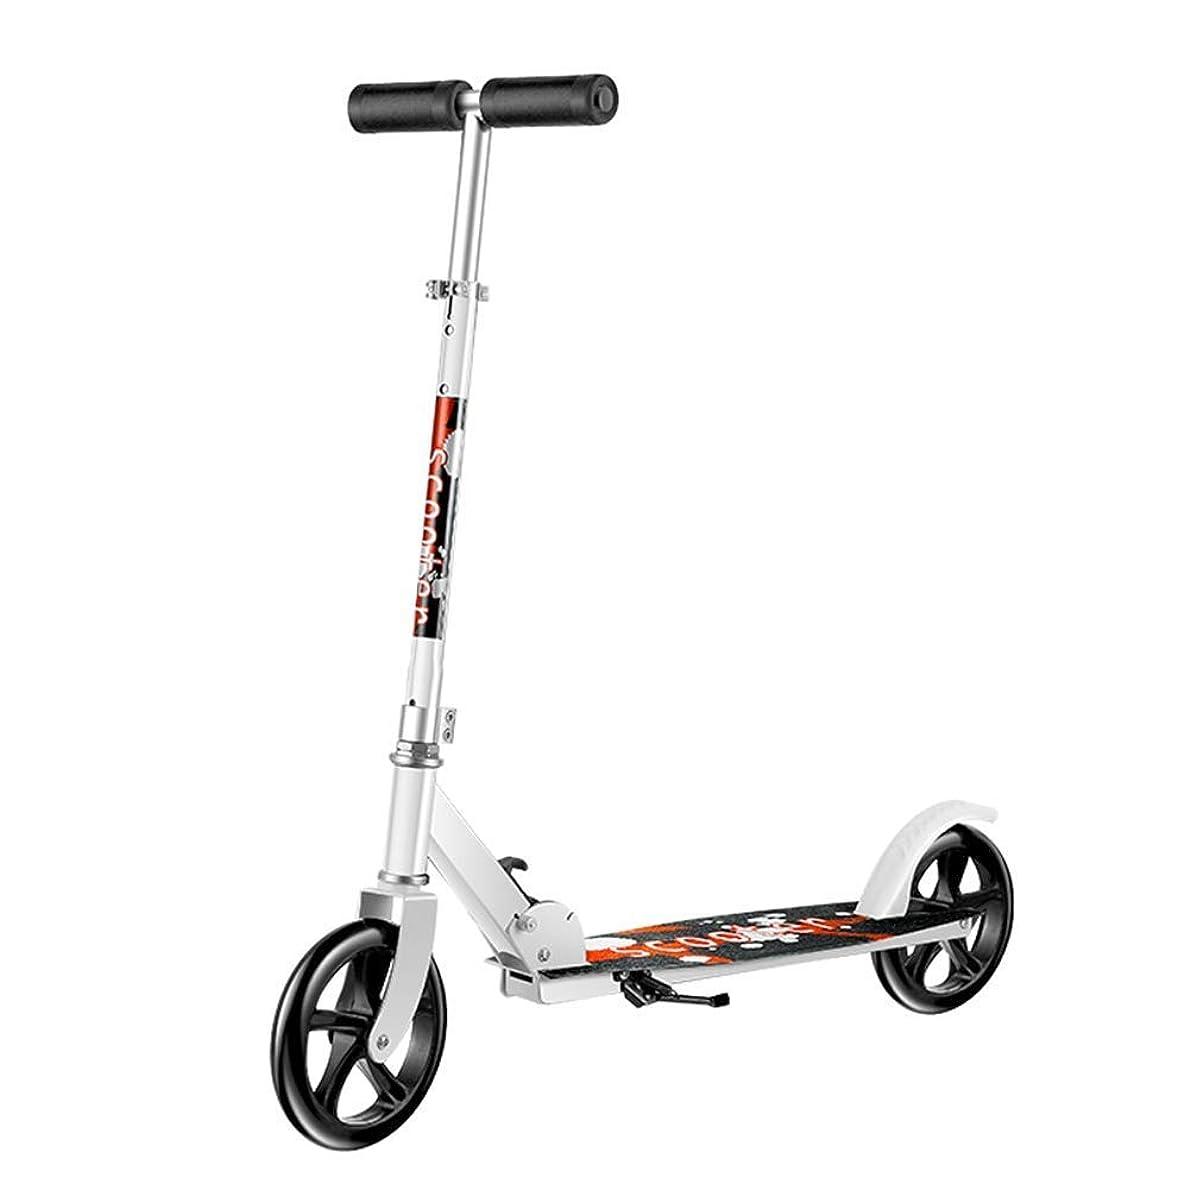 ホテル乱用強化HSBAIS 大人のスクーター、折り畳み可能 調整可能 スクーター ブレーキ付き ビッグホイール 大人のスクーター(非電気)大人向け,white_95x16x100cm